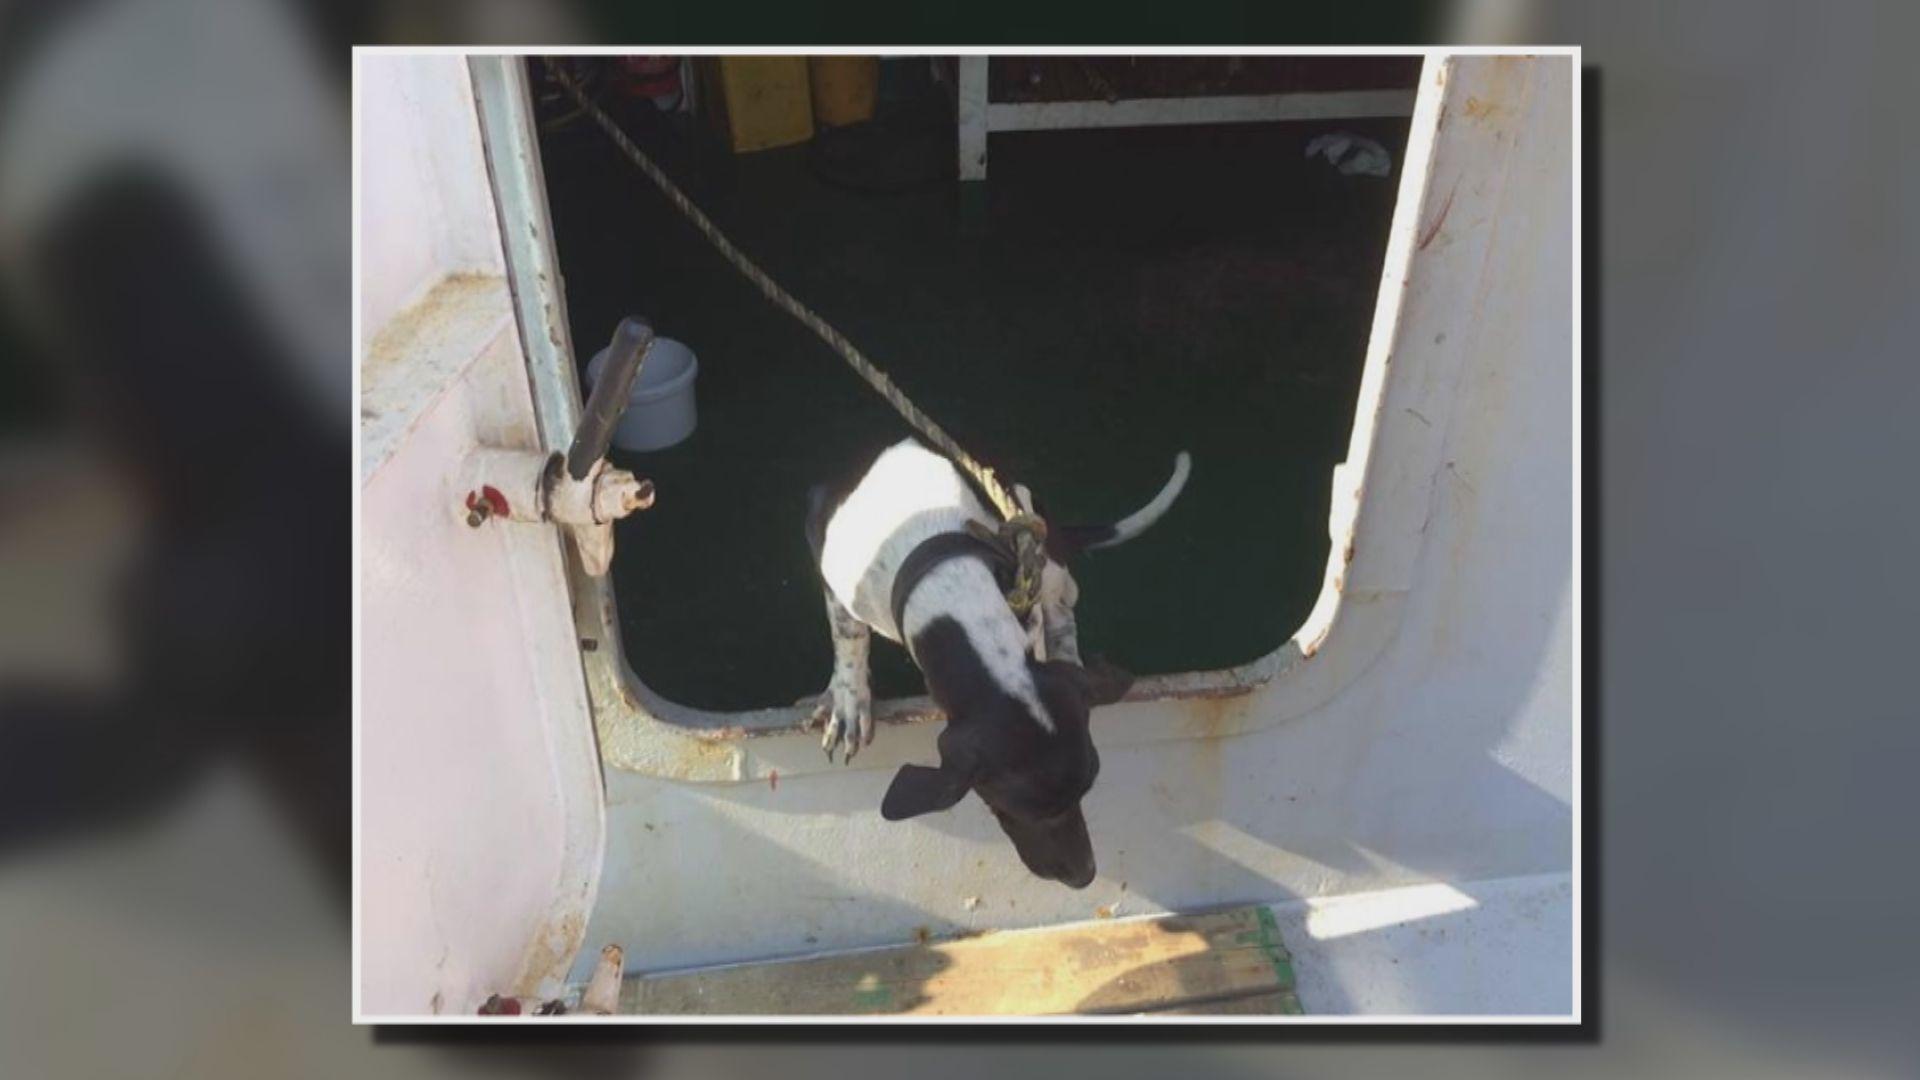 漁護署將與代理人跟進狗隻屍體後續處理